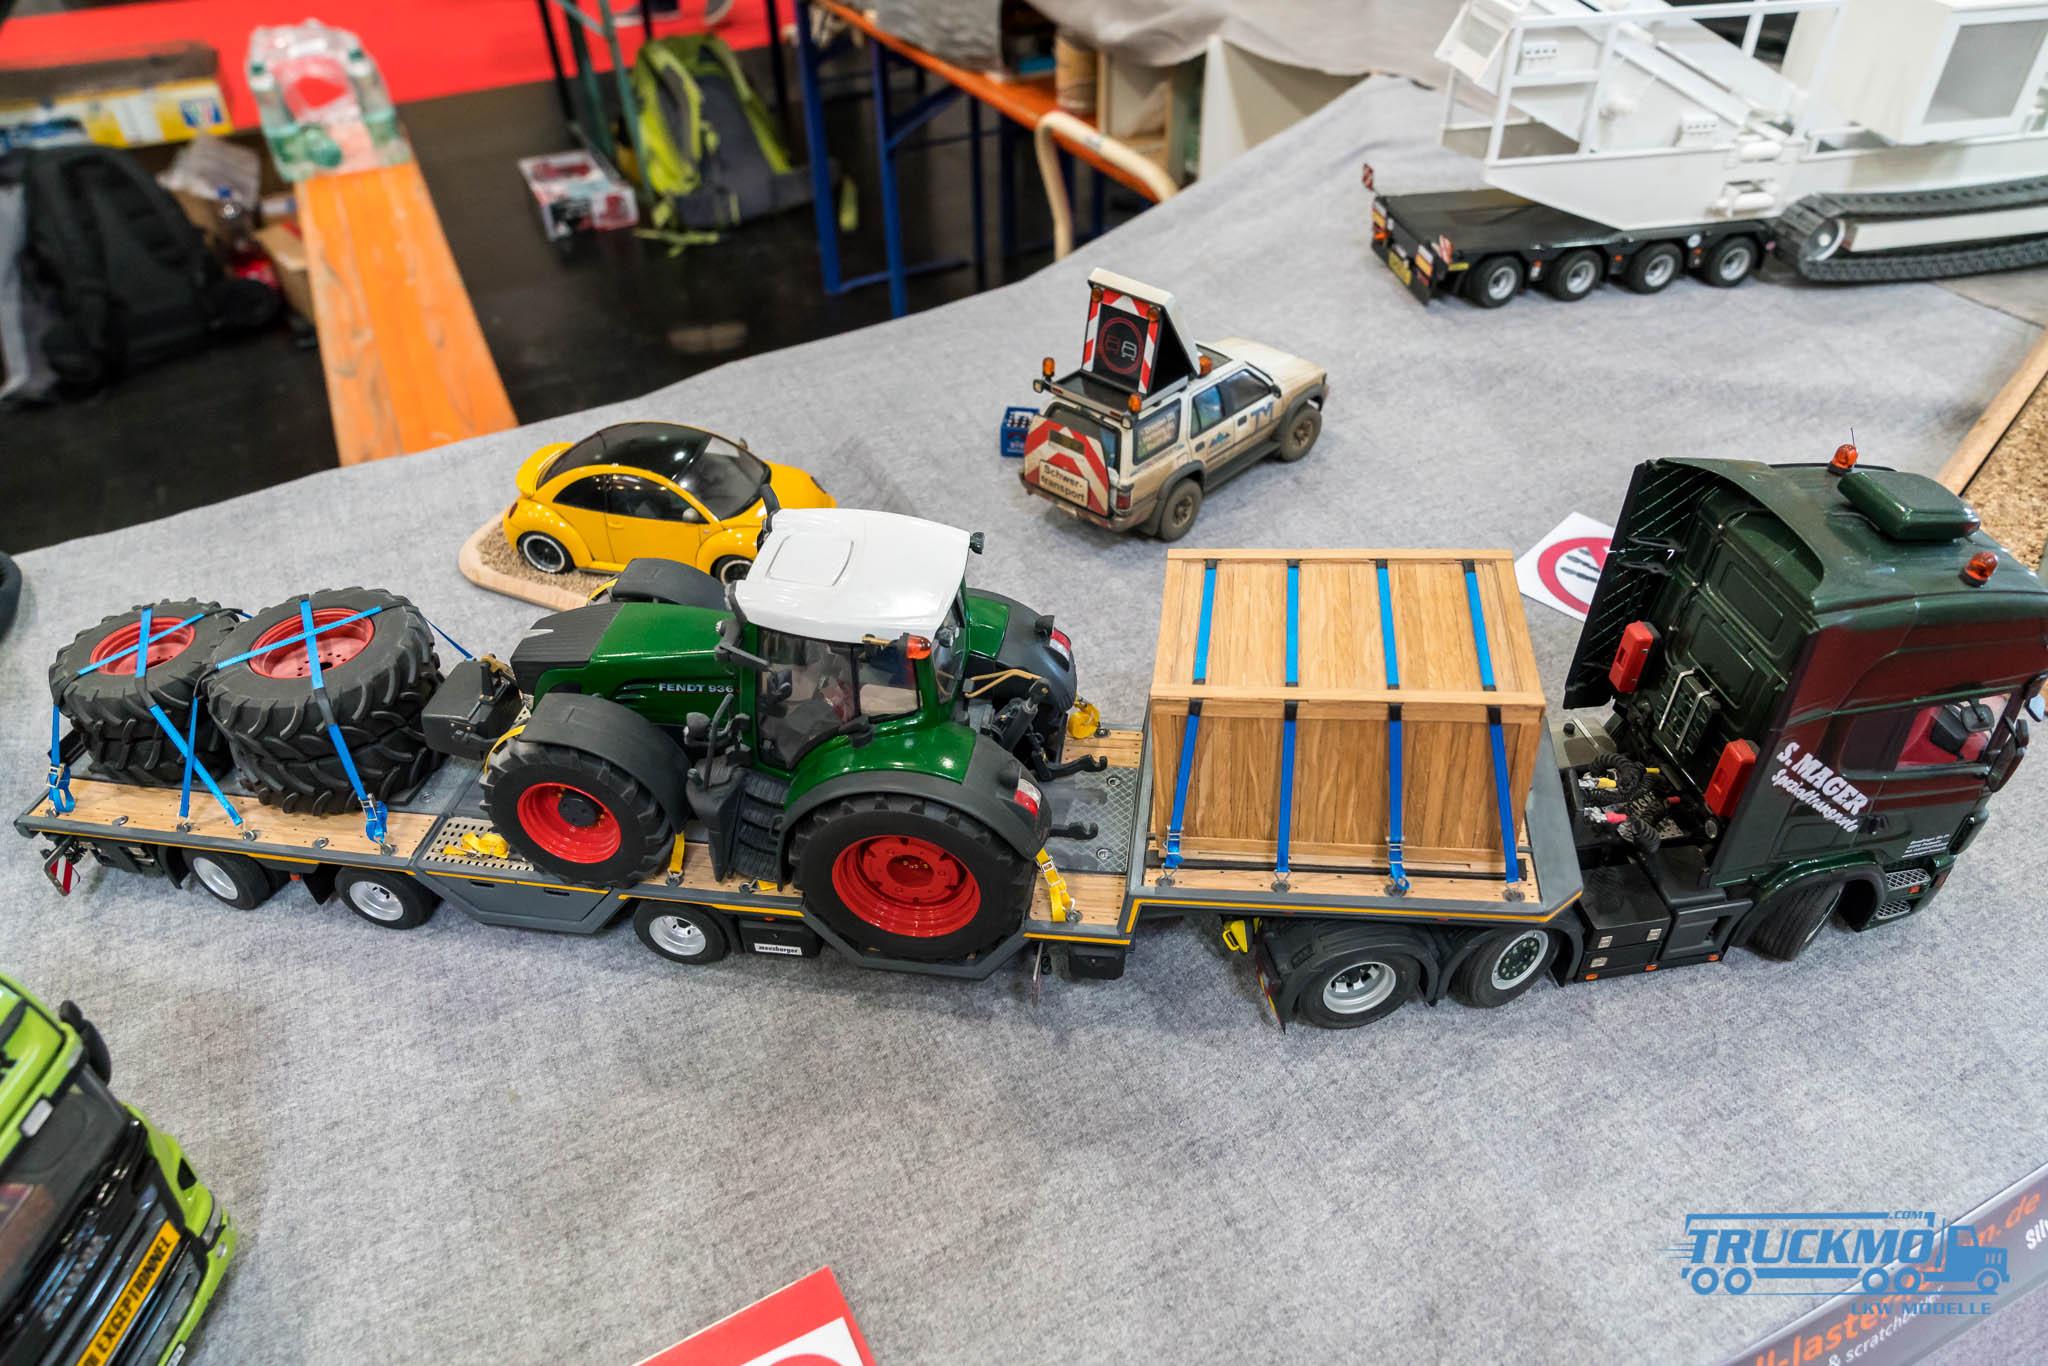 Truckmo_Modellbau_Ried_2017_Herpa_Messe_Modellbauausstellung (401 von 1177)